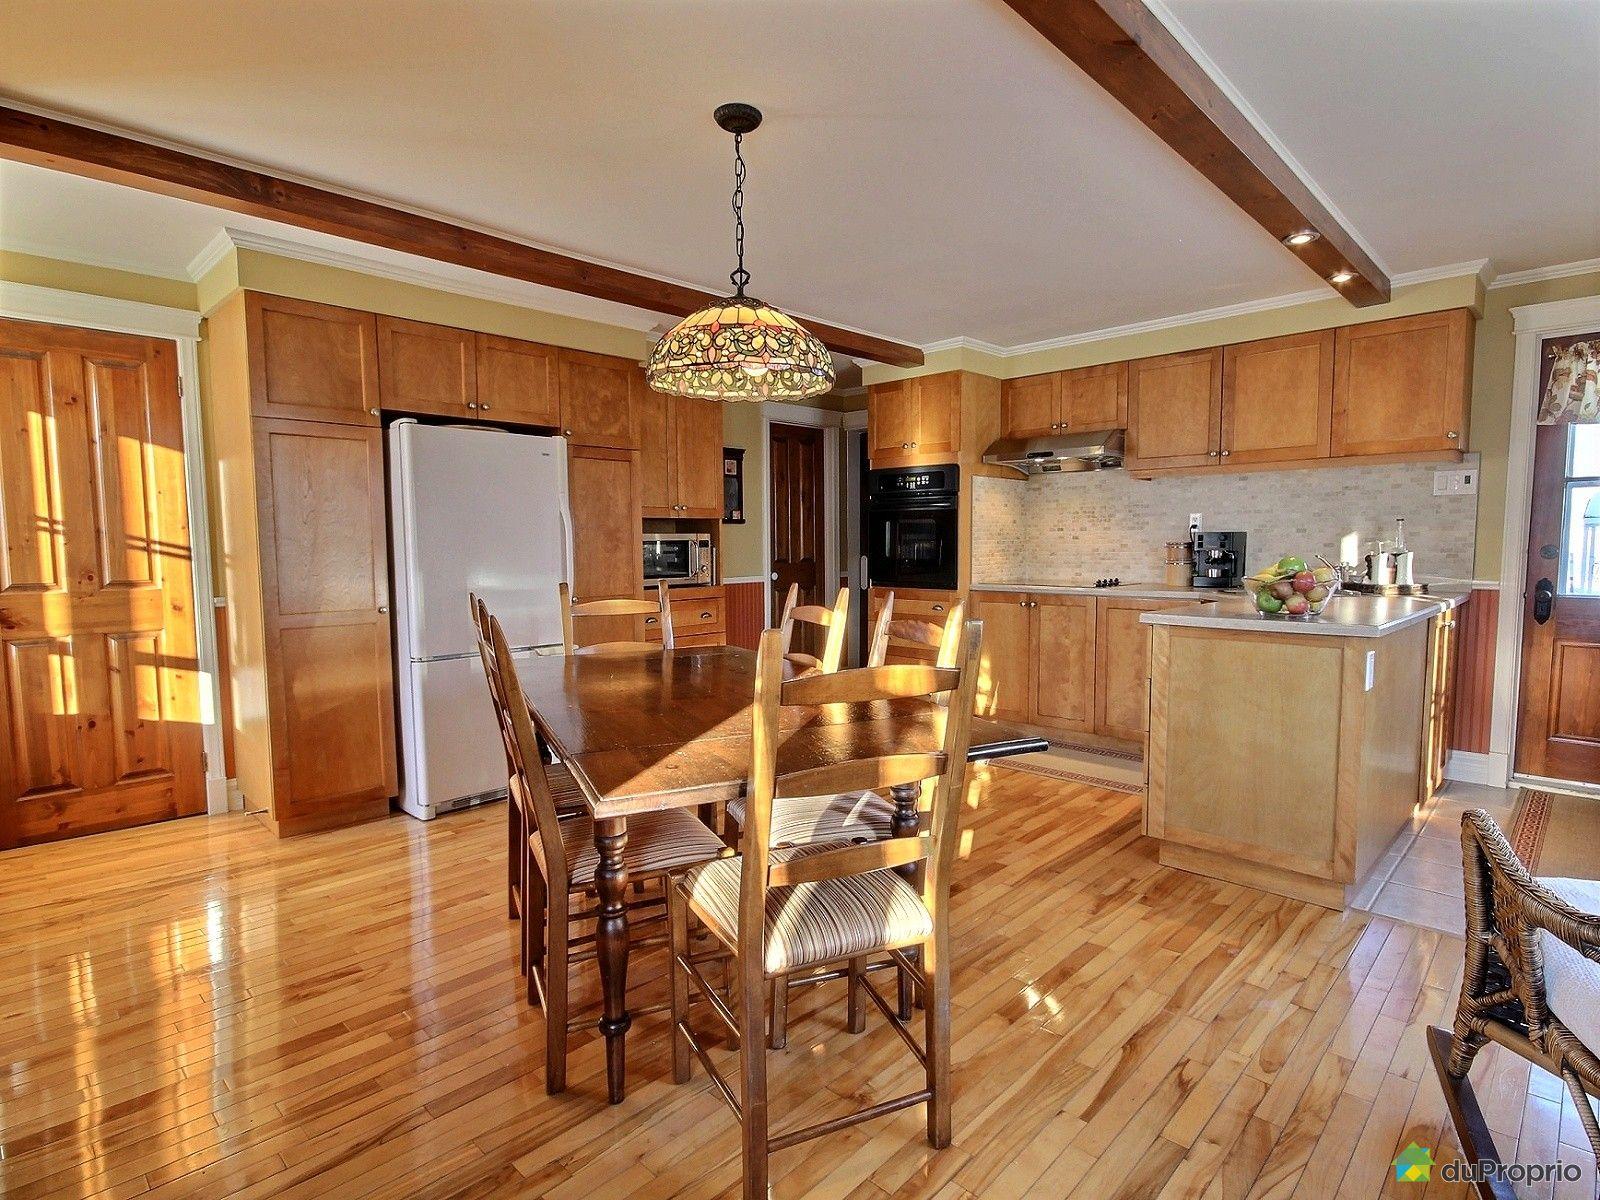 Maison vendre l vis 514 rue saint joseph immobilier for Salle a manger levi